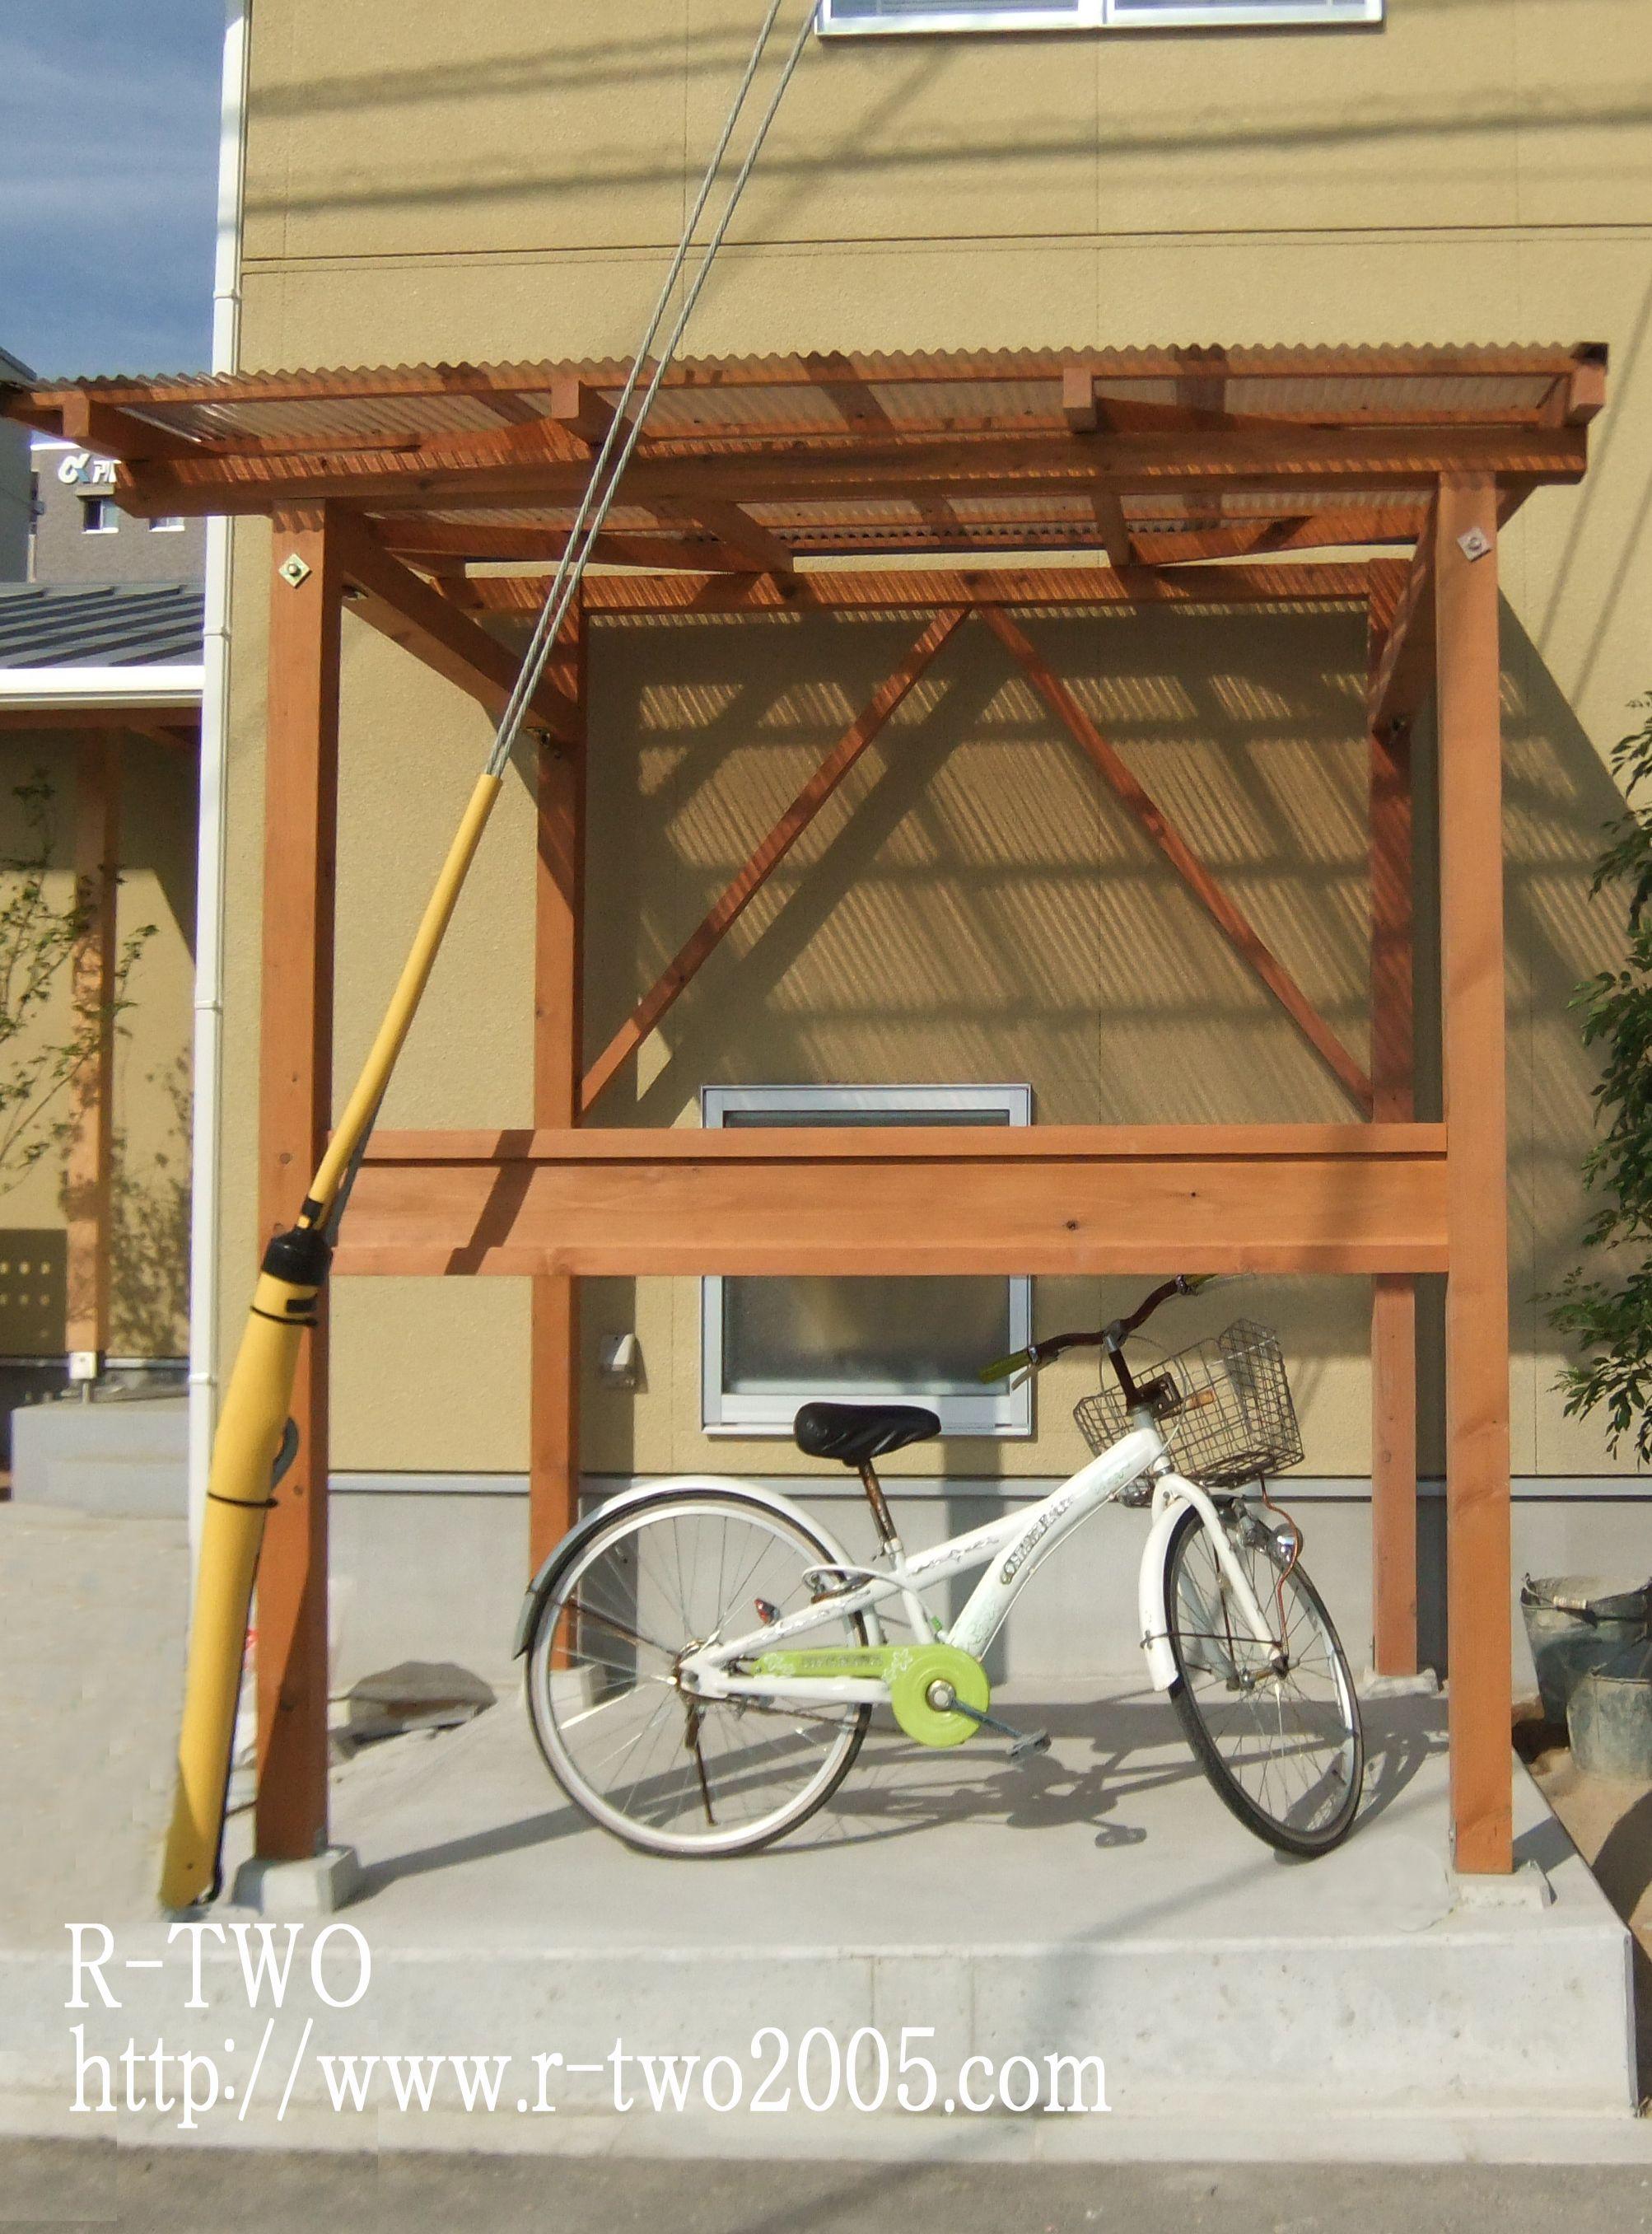 自転車置き場 2,006×2,712 ピクセル